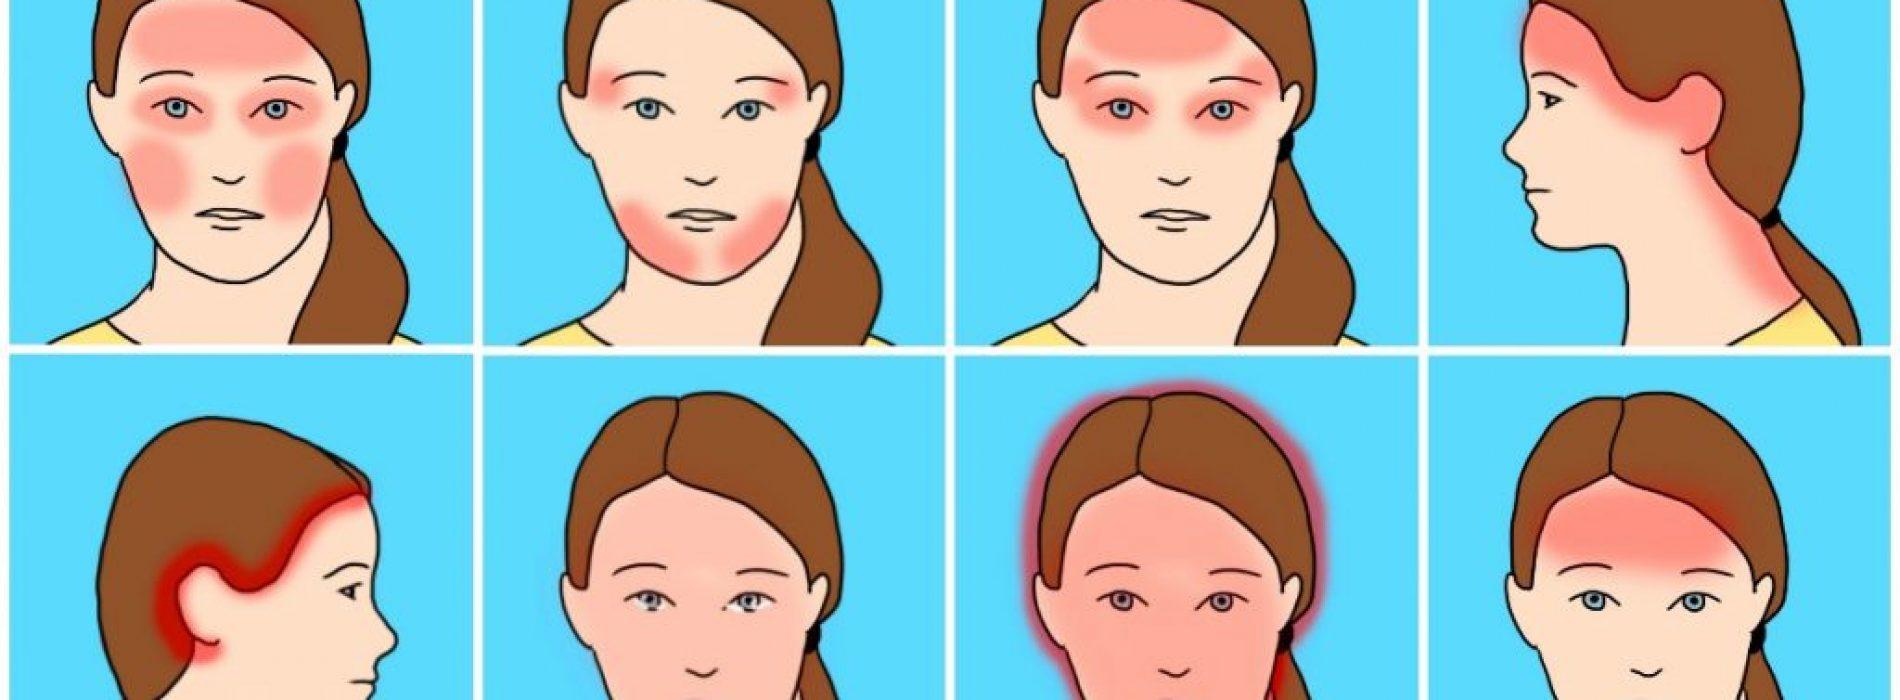 10 algemeen voorkomende soorten hoofdpijn en hun verrassende oorzaken